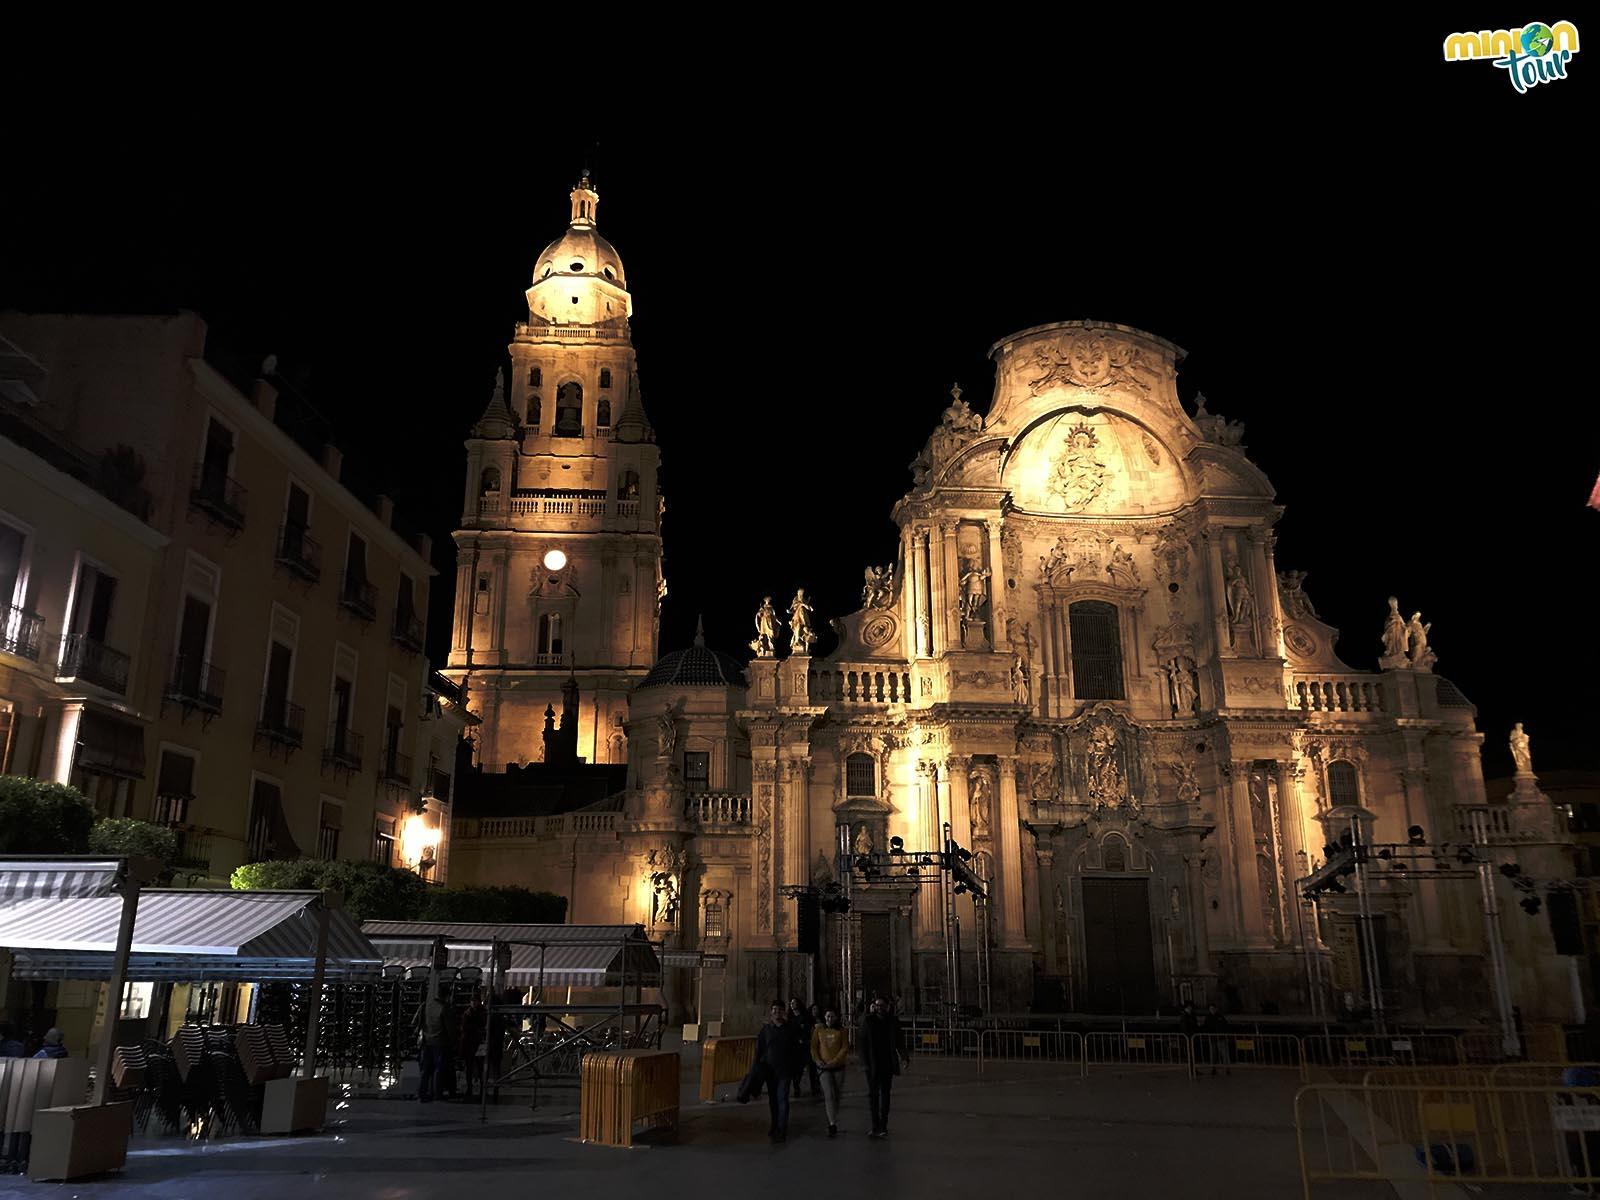 La Catedral de Murcia iluminada por la noche